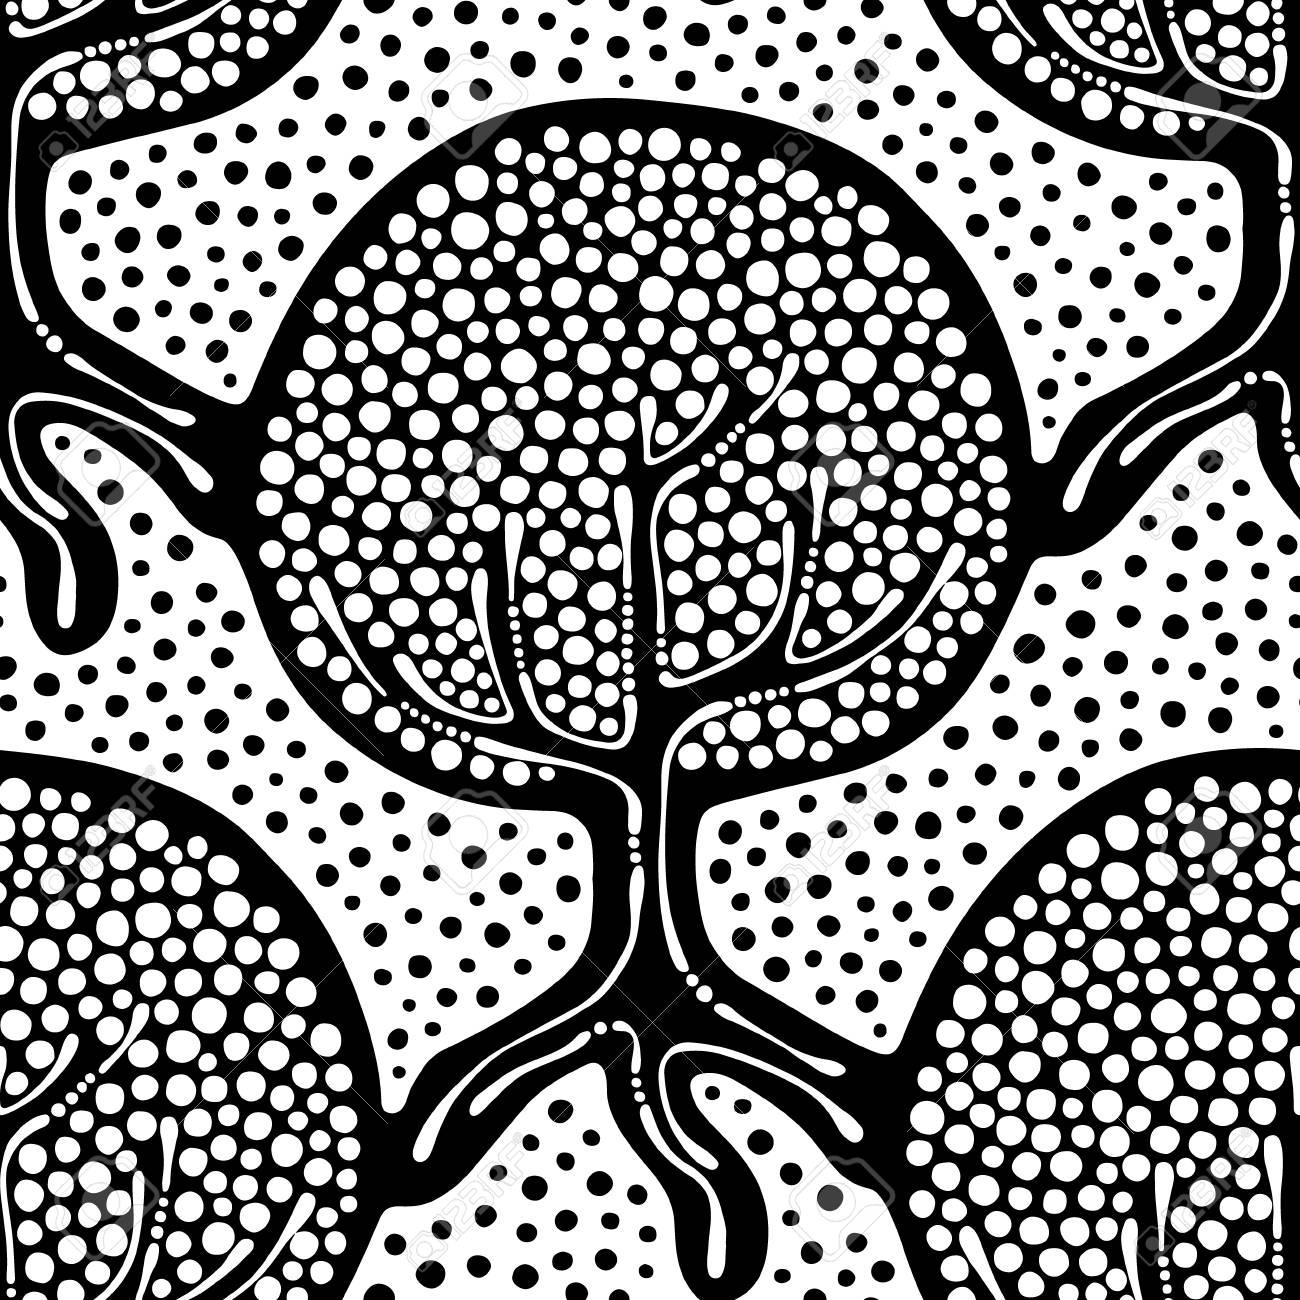 Seamless Répéter Illustration Décoration Dornement Arbres Sans Fin Stylisées Noir Et Blanc Abstraite Illustration Graphique Transparente